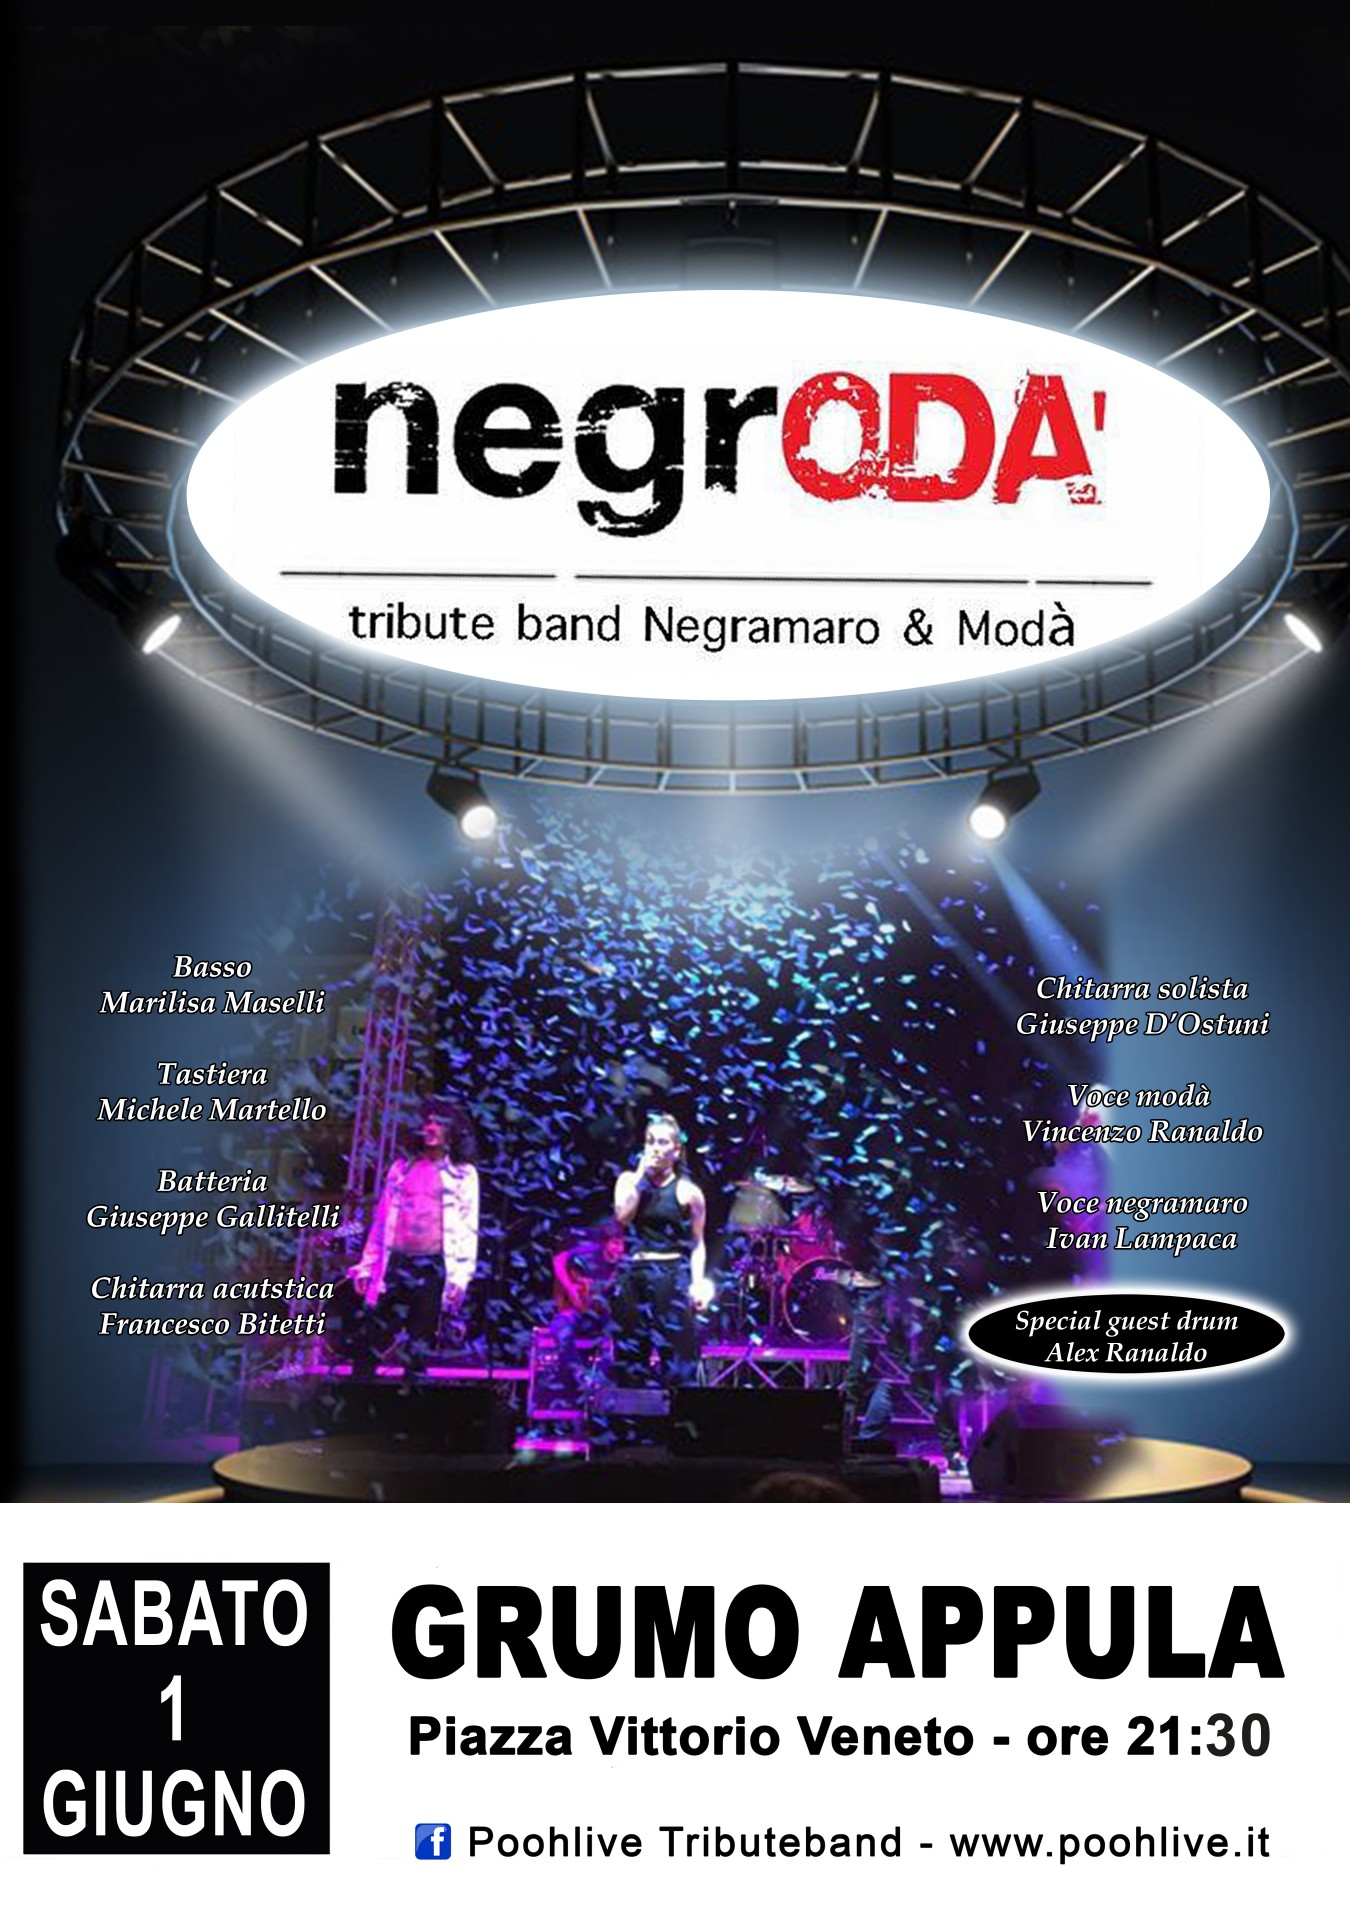 http://www.grumonline.it/images/2019/FestaMonteverde2019_negroda.jpg